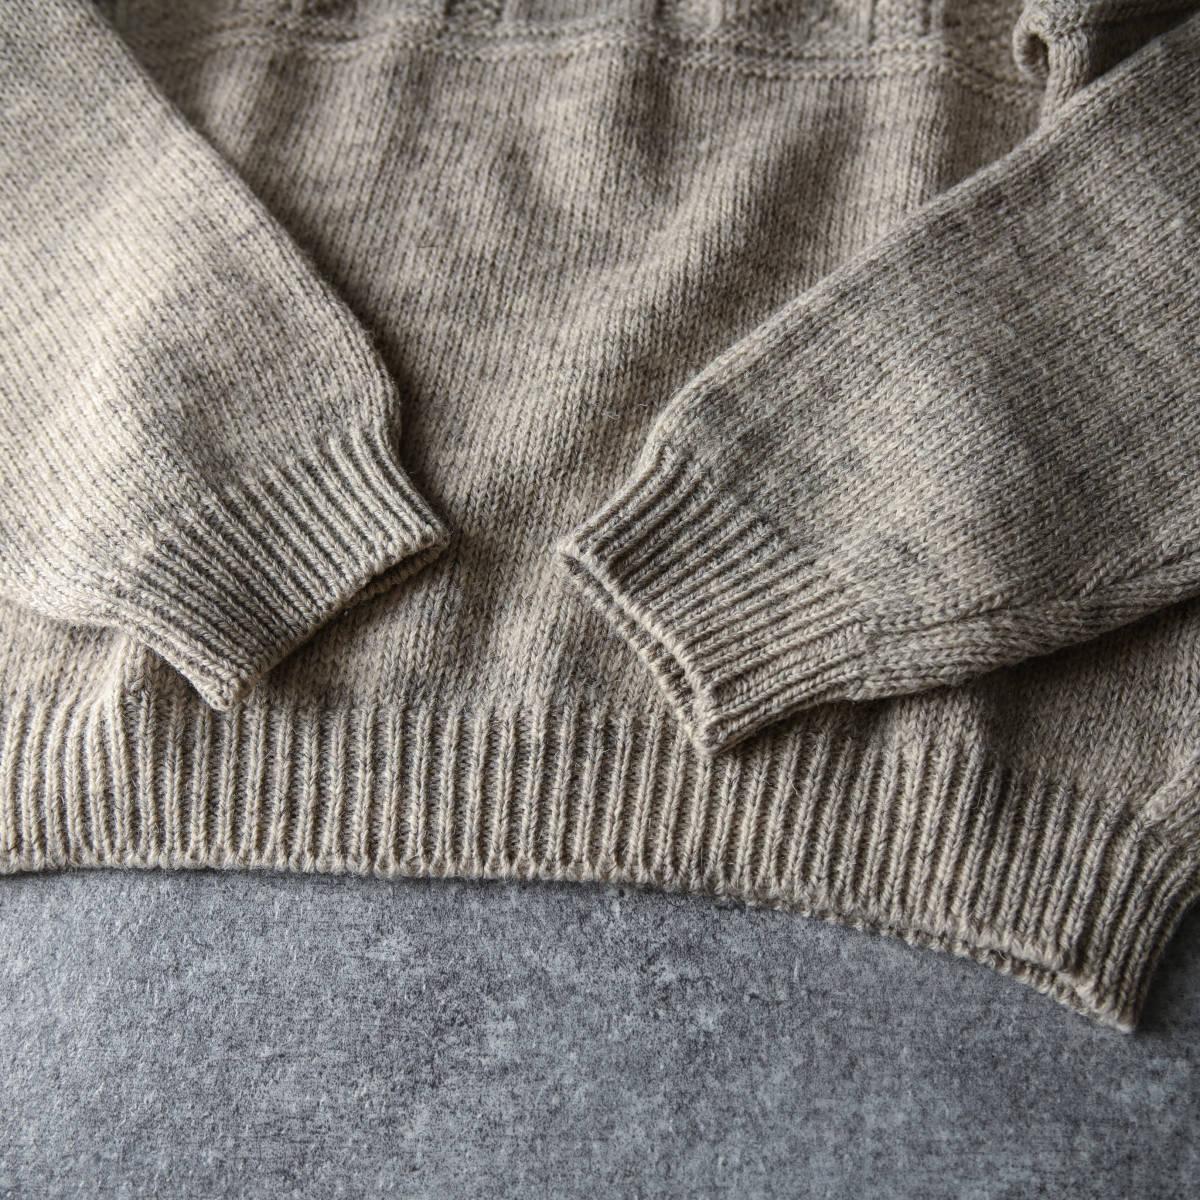 希少 80s L.L.Bean スコットランド製 ショールカラー ニット セーター 杢ウール / ビンテージ エルエルビーン フィッシャーマン 70s 90s_画像6